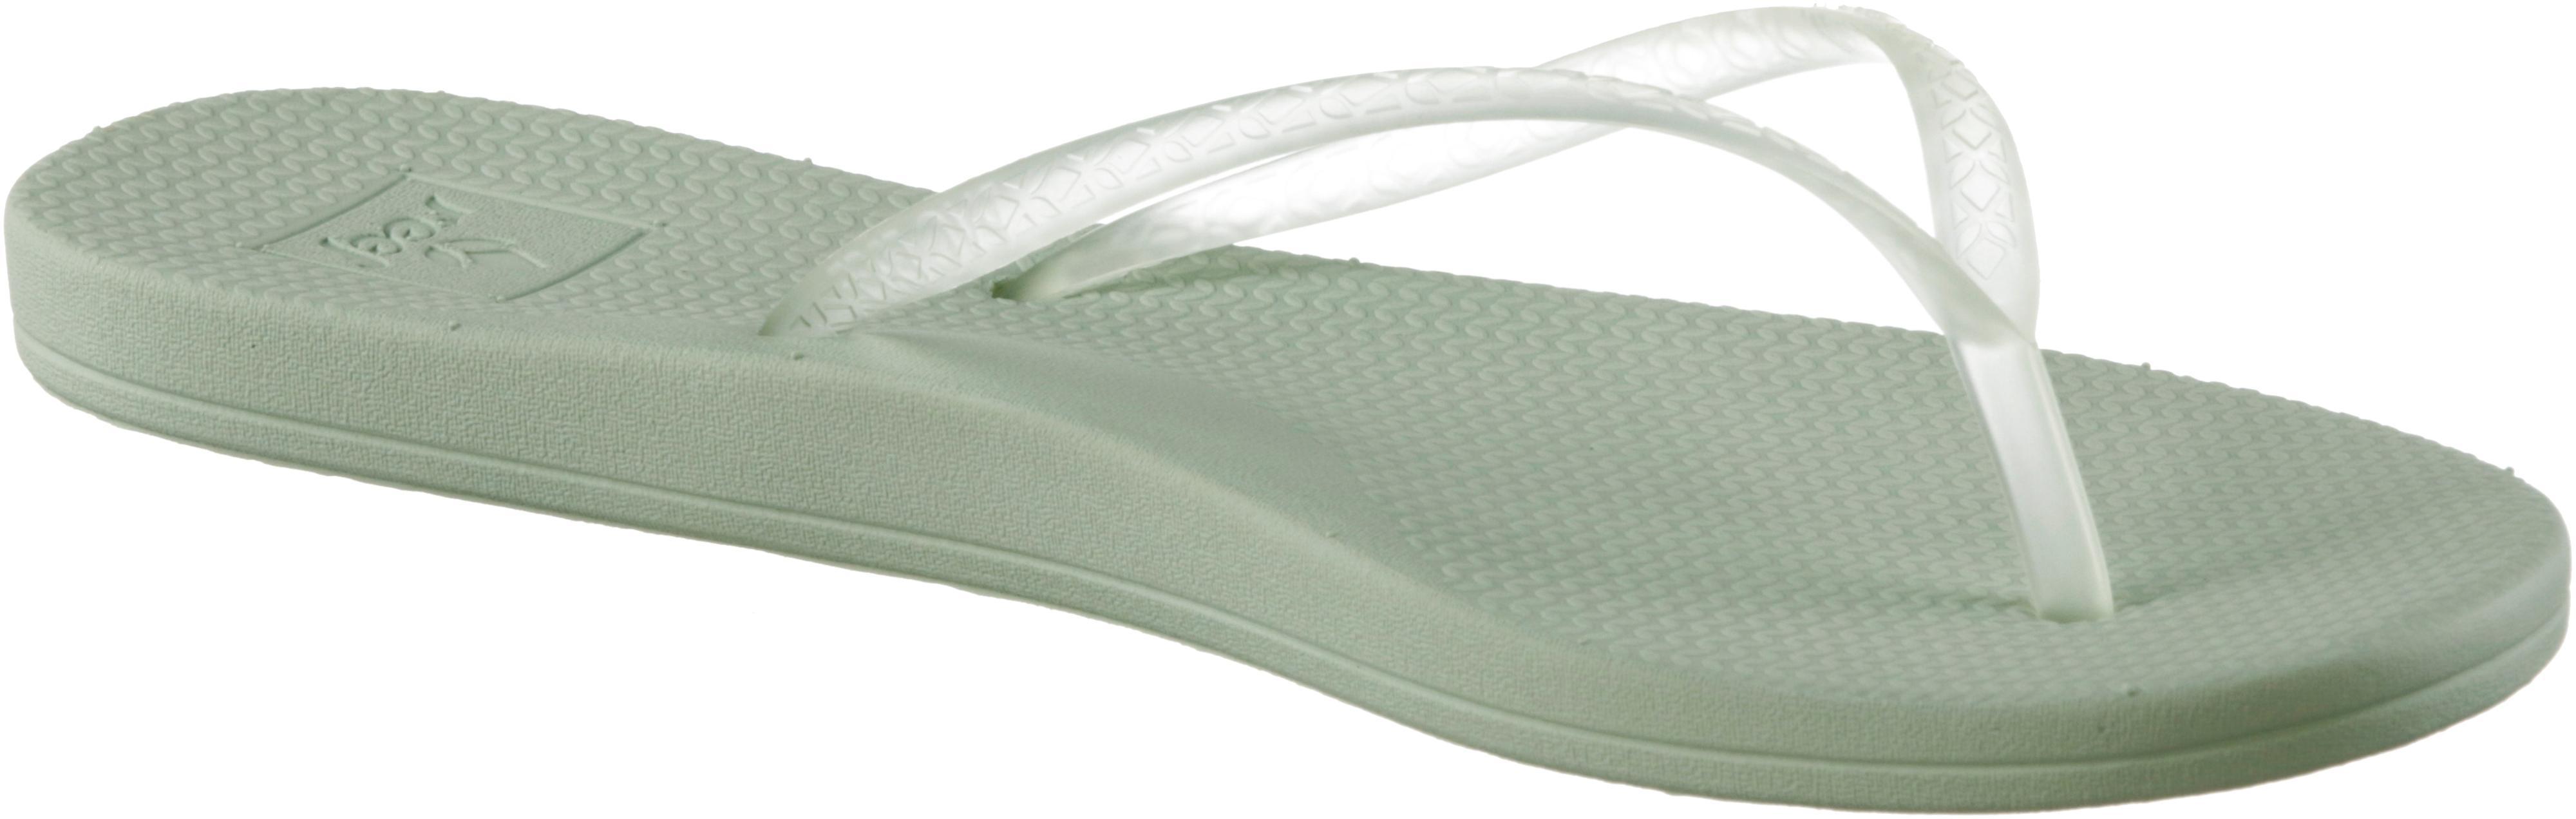 Reef Escape SportScheck Lux Zehentrenner Damen apricot im Online Shop von SportScheck Escape kaufen Gute Qualität beliebte Schuhe 321d8b